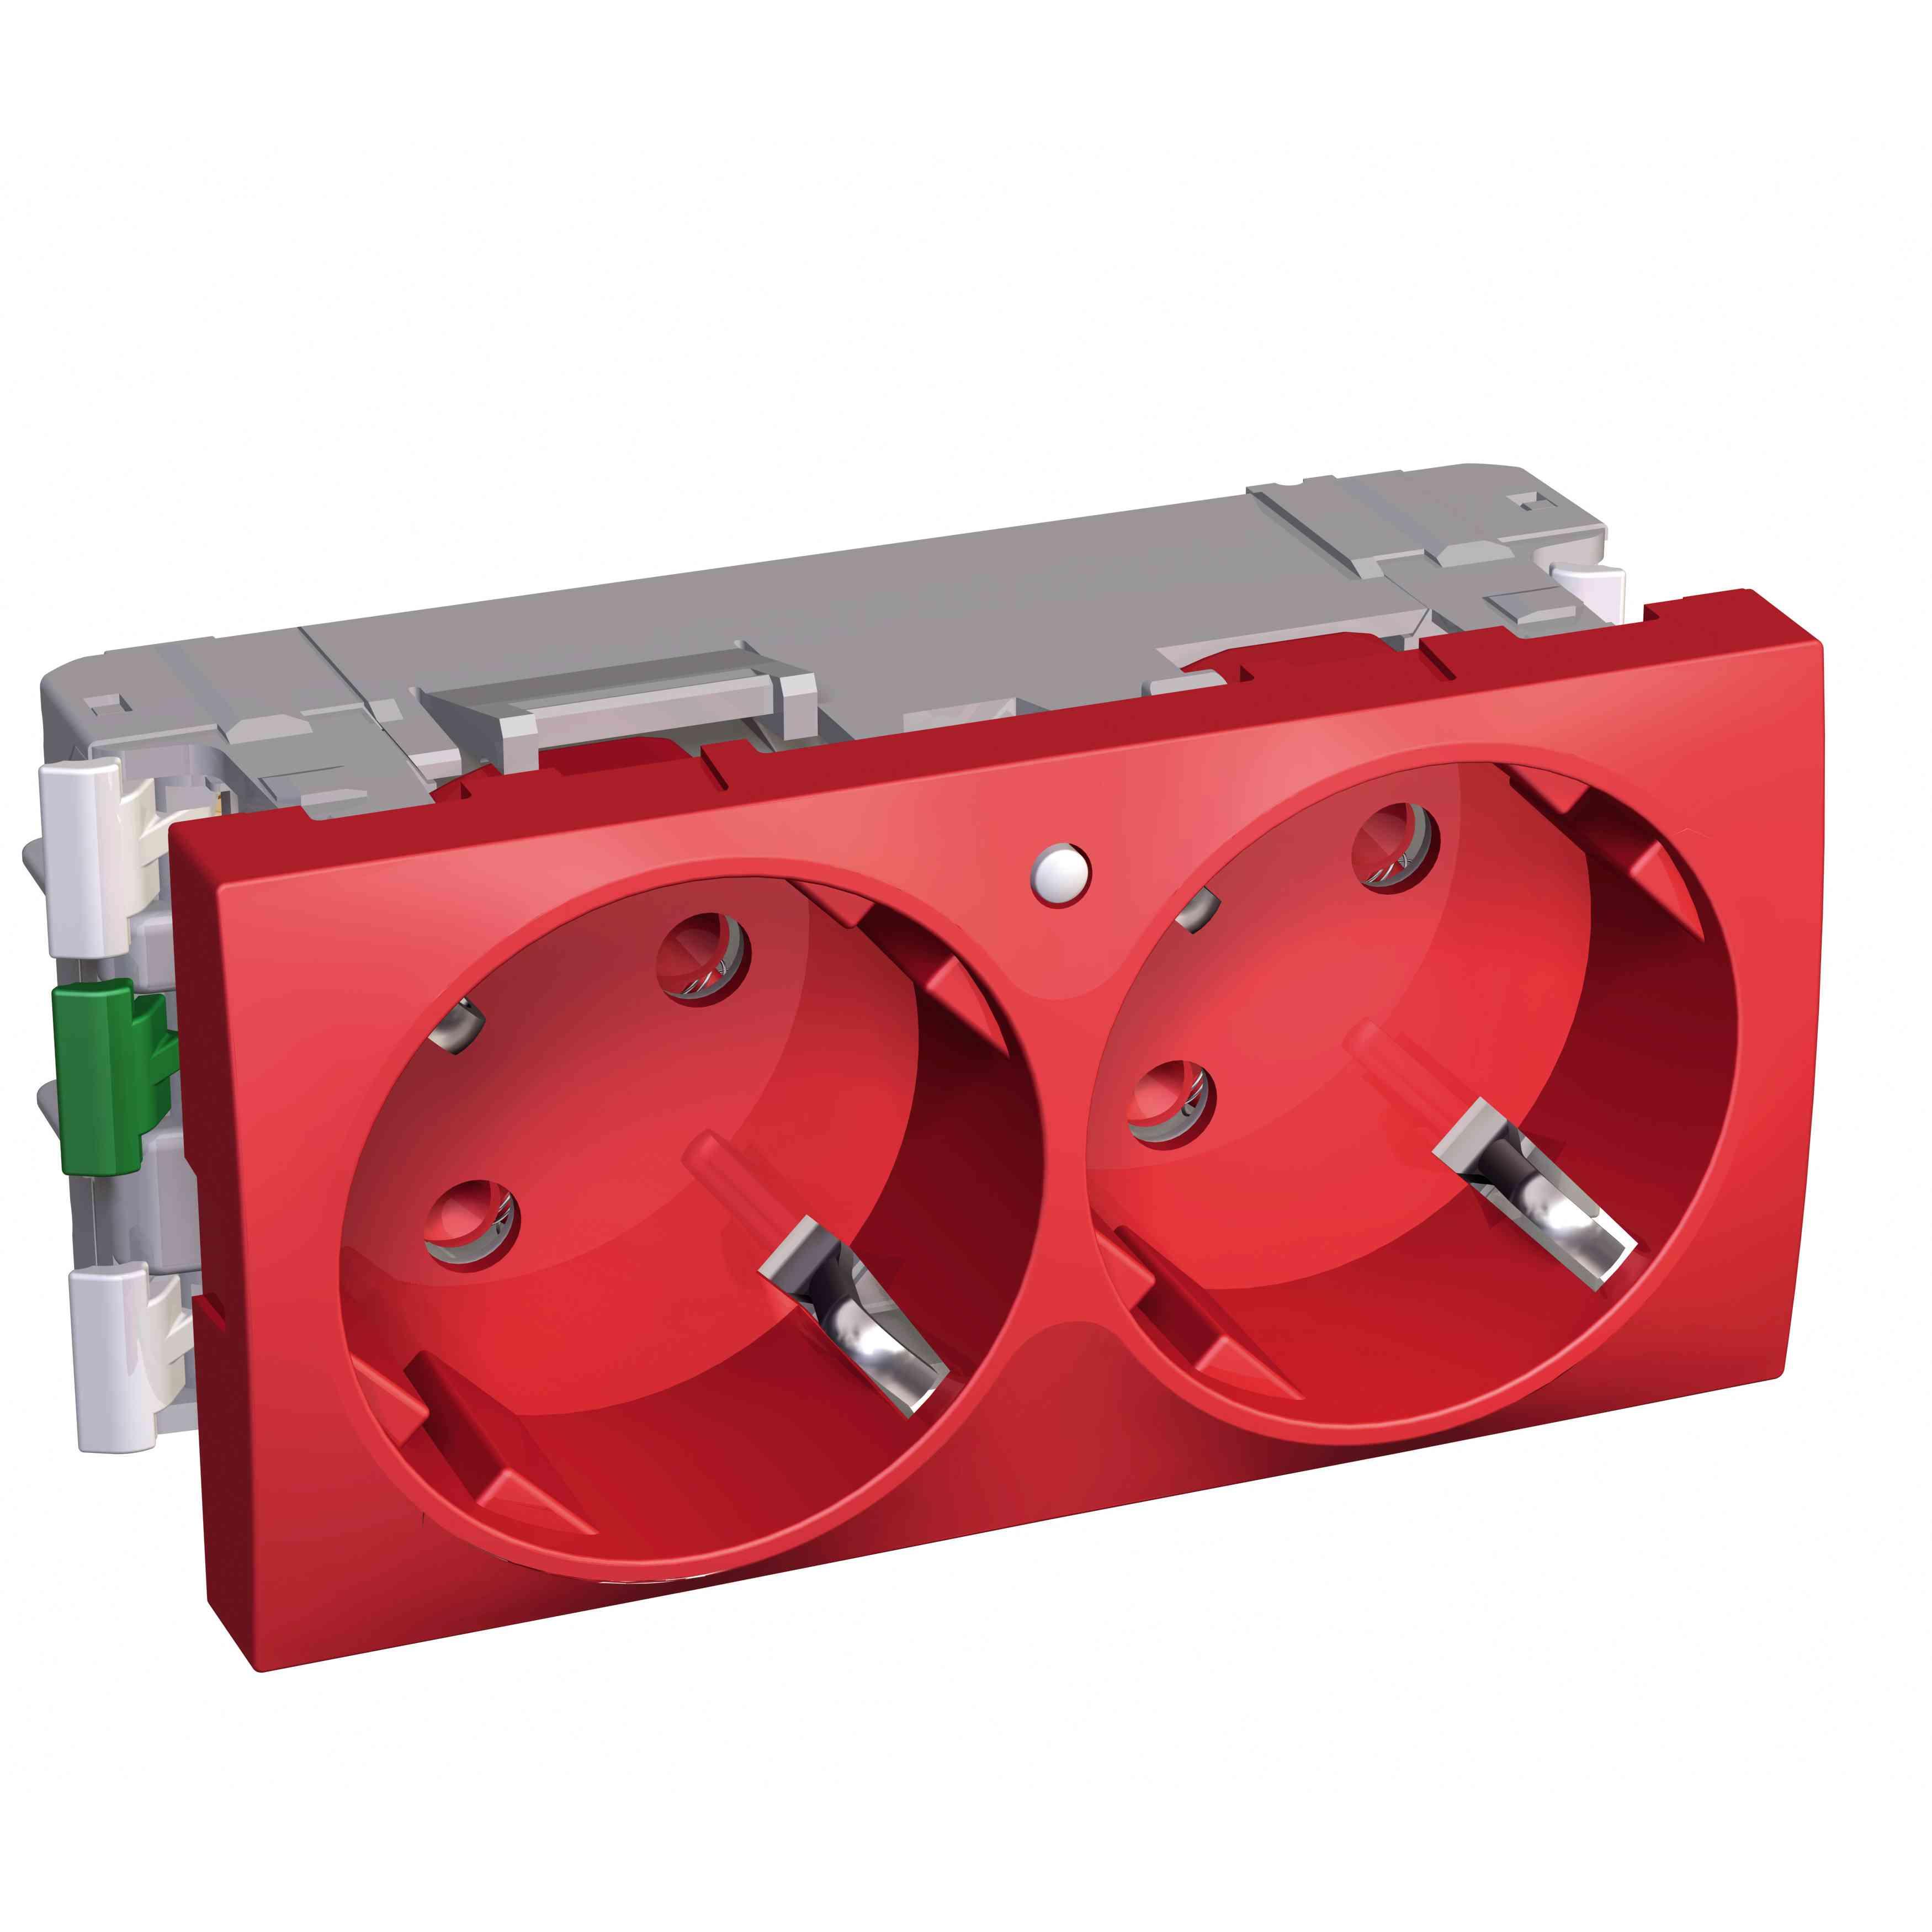 Altira - 2 SO - 2P + E z zaščito - ozemljitev - luč - rdeča